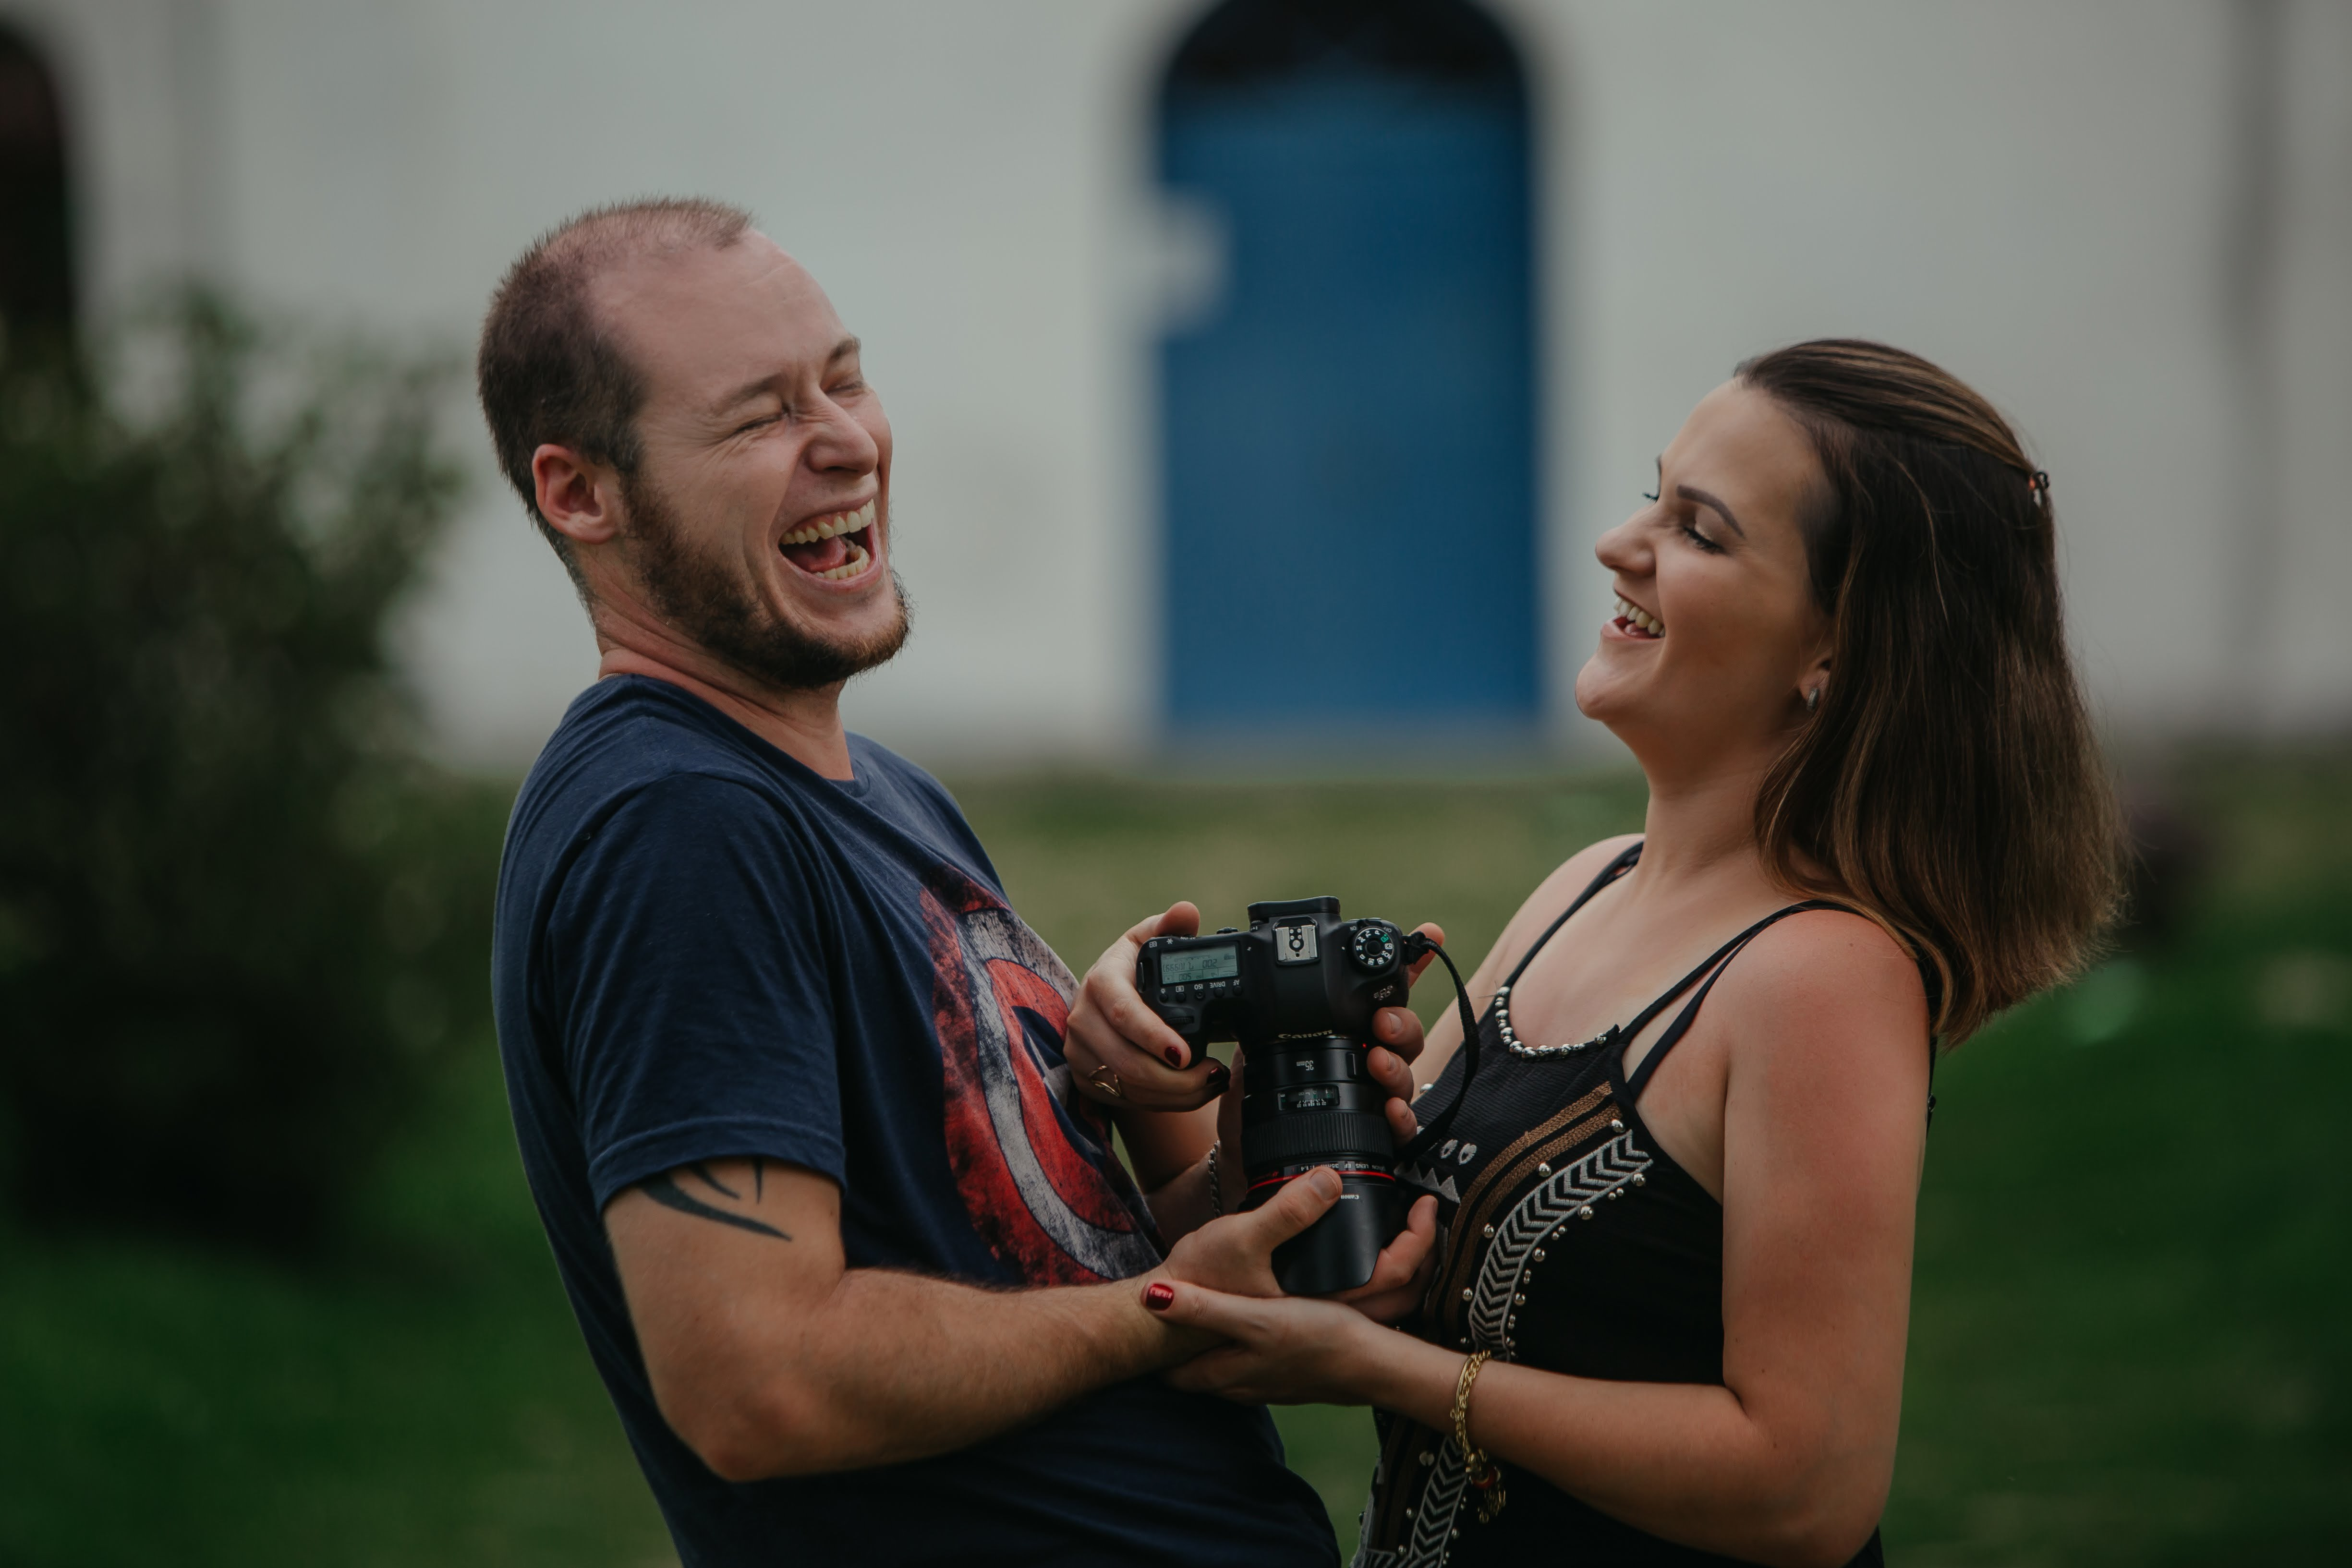 Sobre Daniel Festa - Fotografo de casamento, ensaios, família e 15 anos, Ponta Grossa - Pr